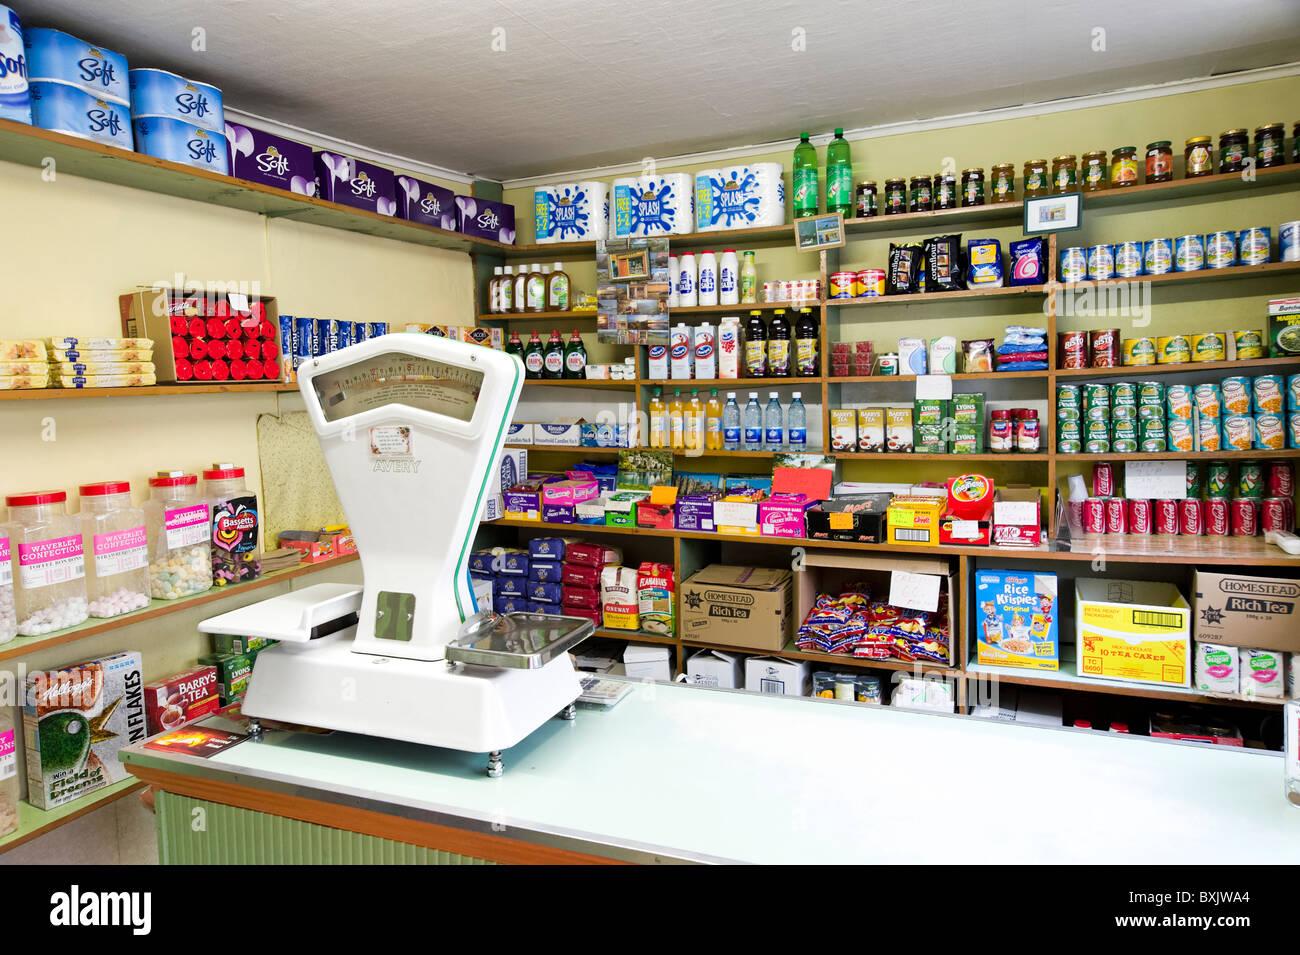 Clerke, einem kleinen traditionellen Lebensmittelgeschäft in Skibbereen, County Cork, Irland Stockbild